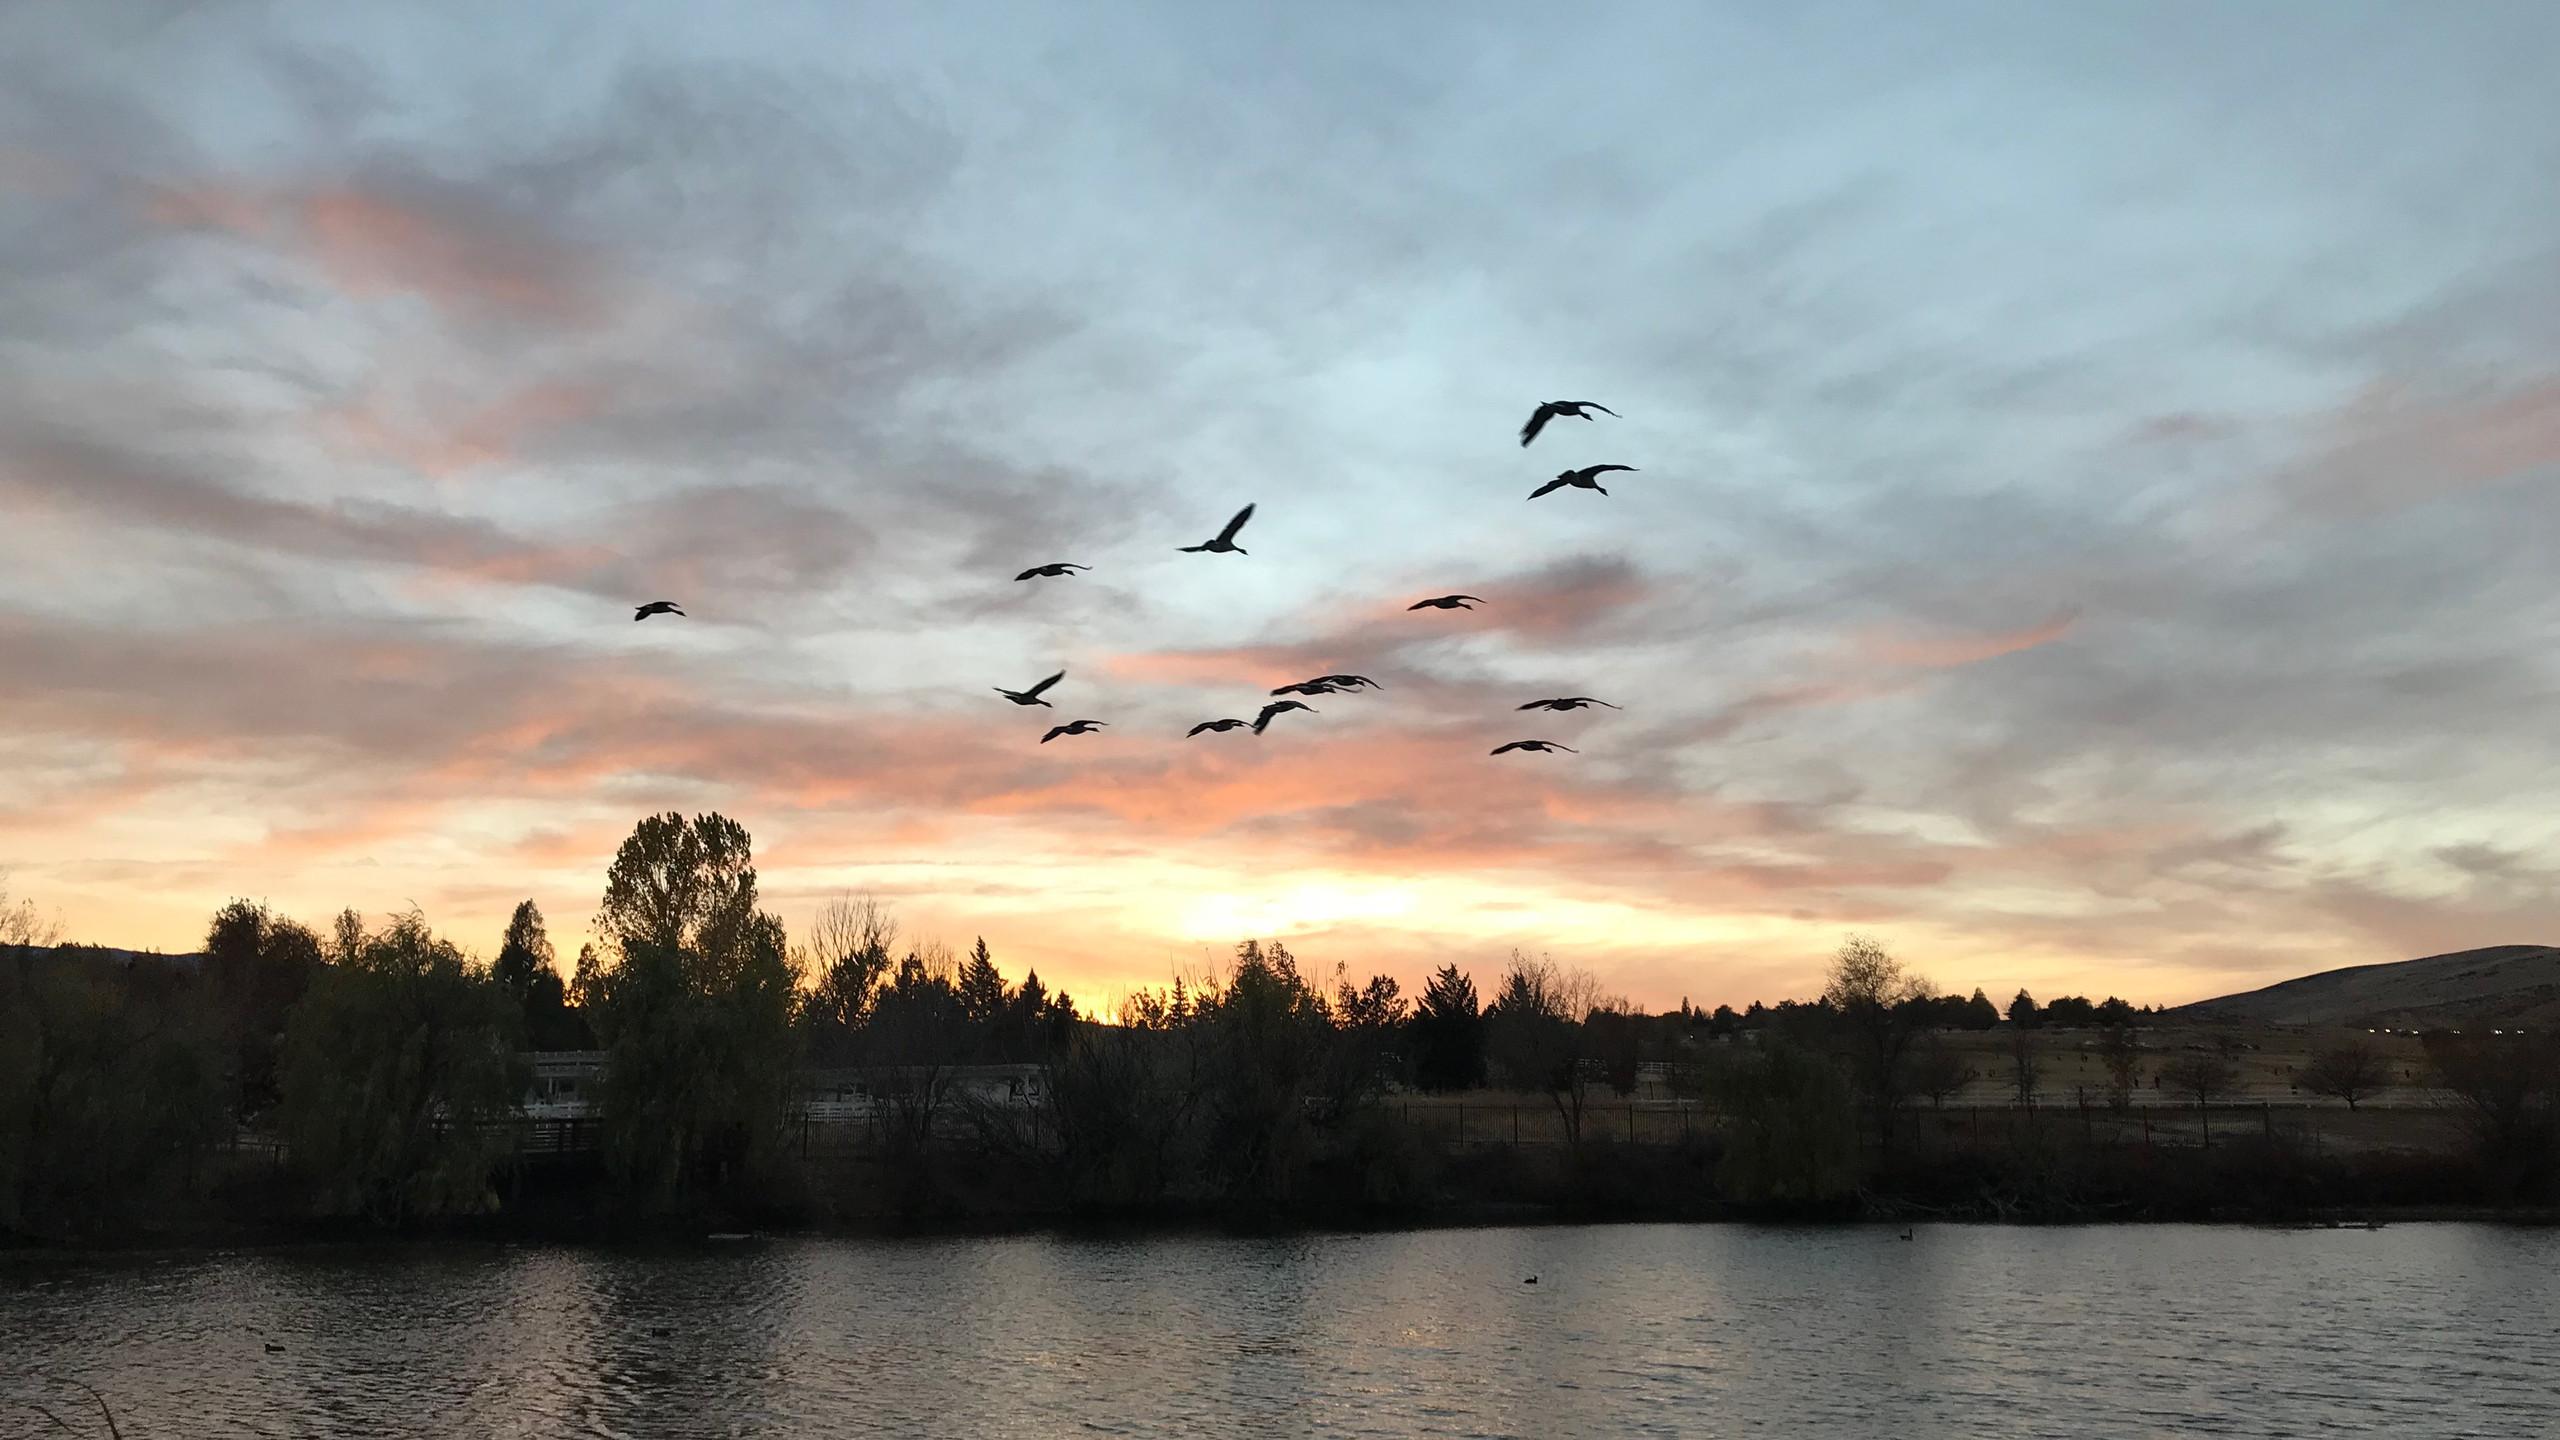 Sunset at Rancho San Rafael